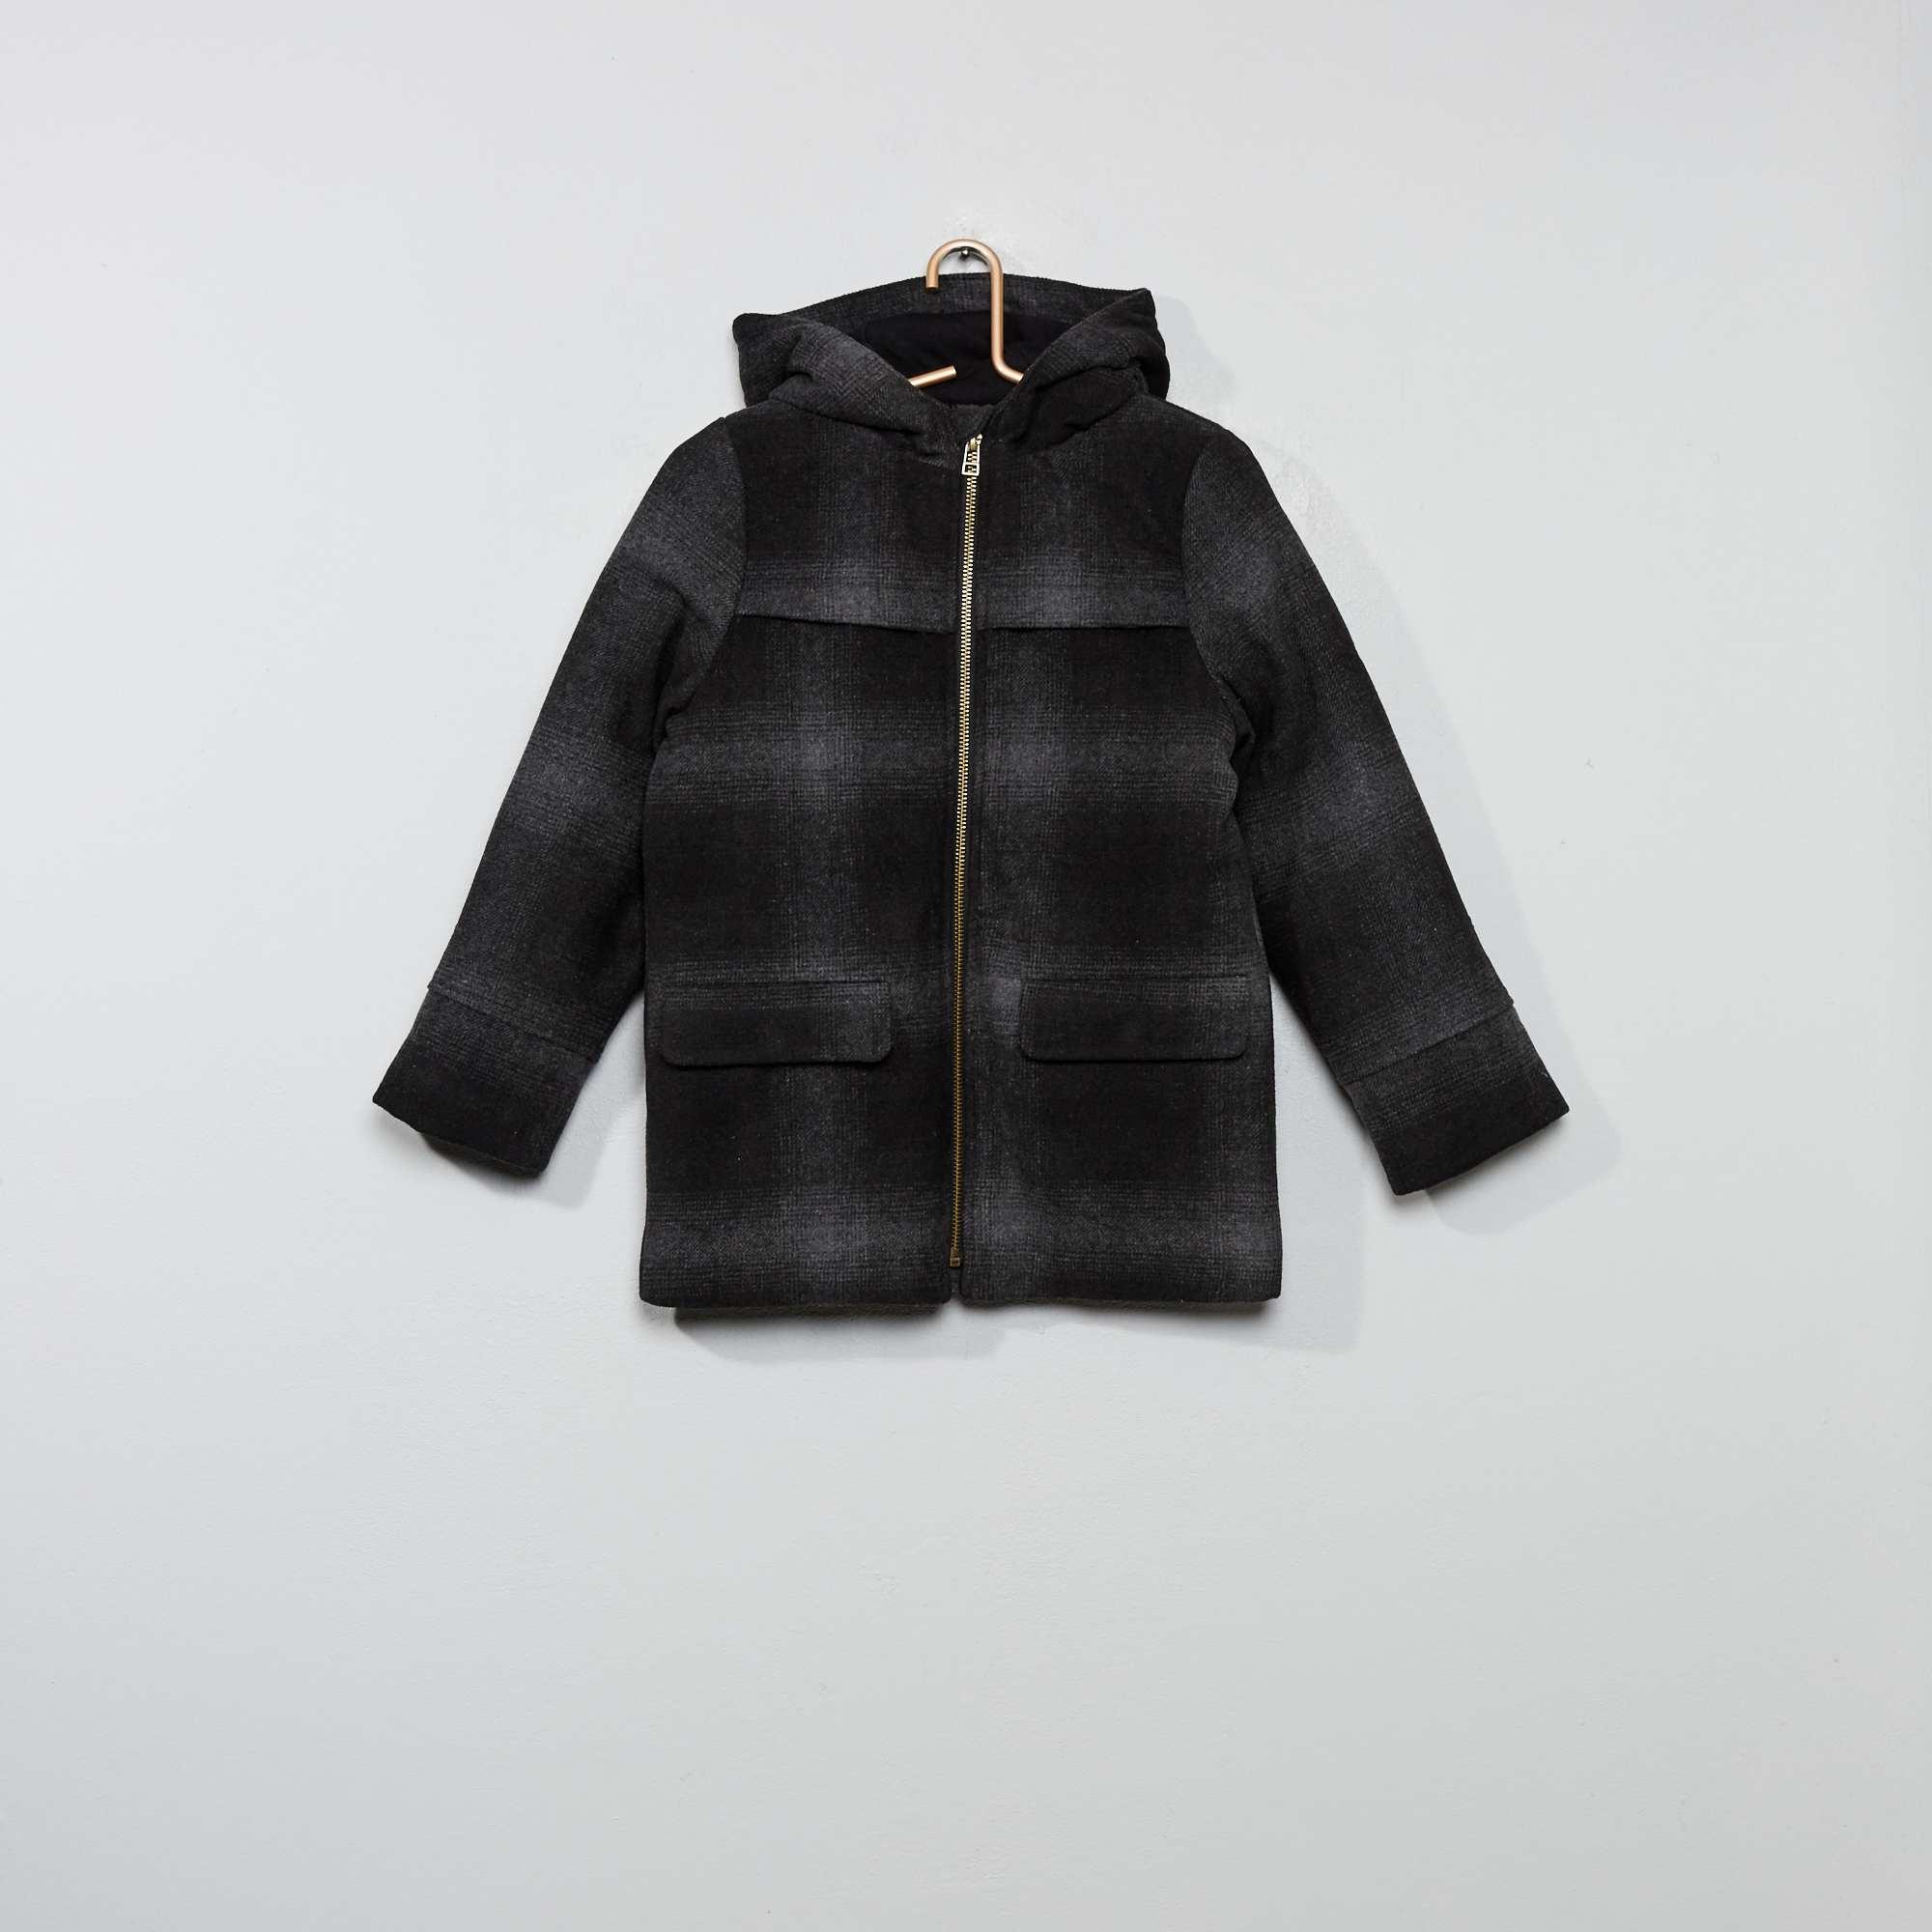 Resultado de imagem para imagem de um casaco para colorir